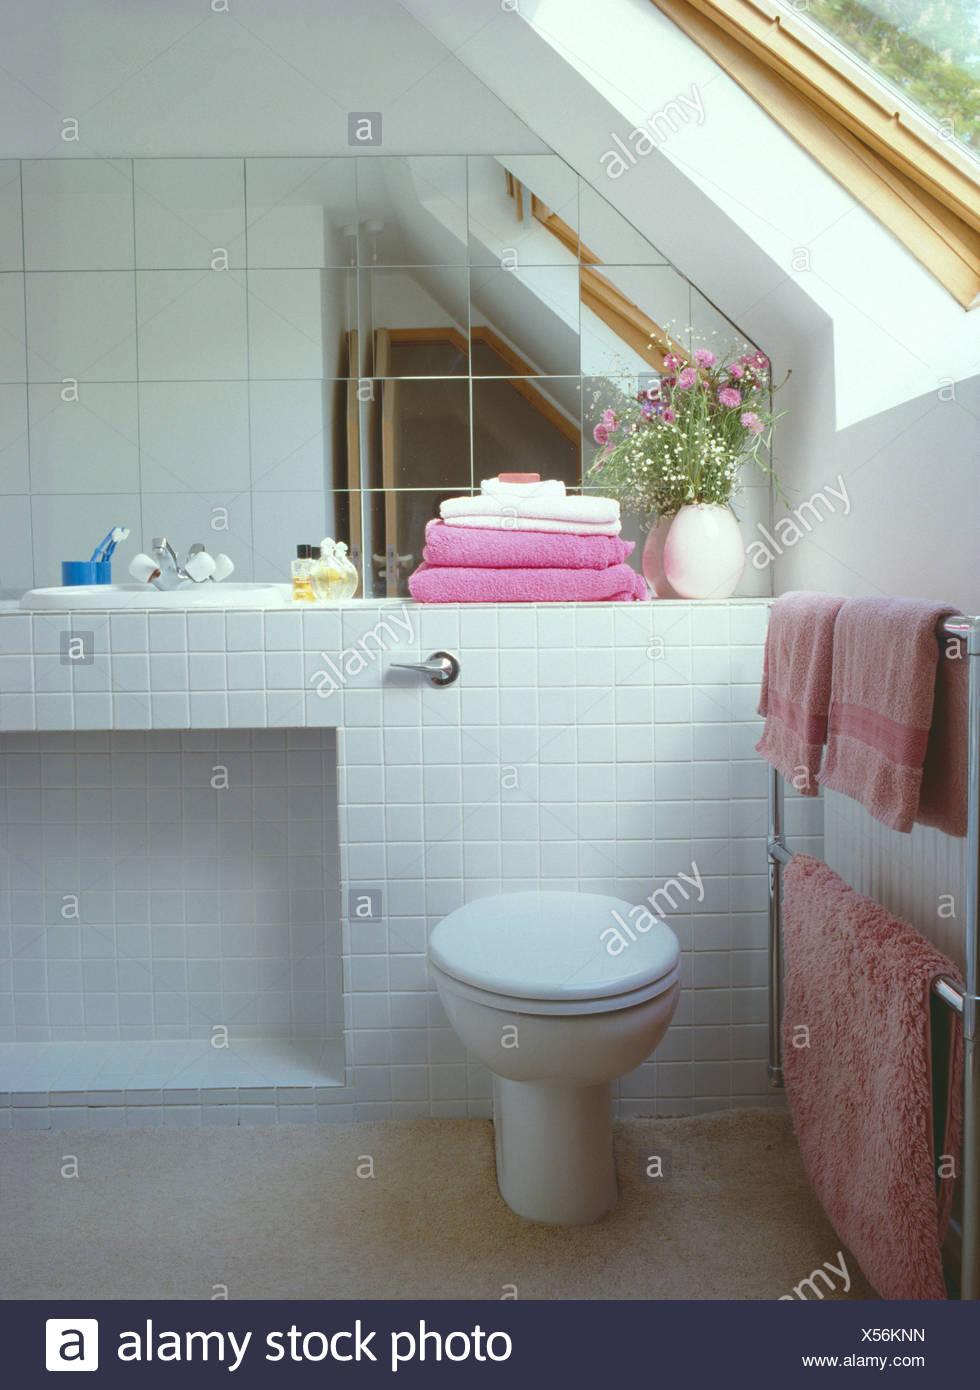 Spiegel Fliesen an Wand über Toilette im weißen Dachgeschoss ...